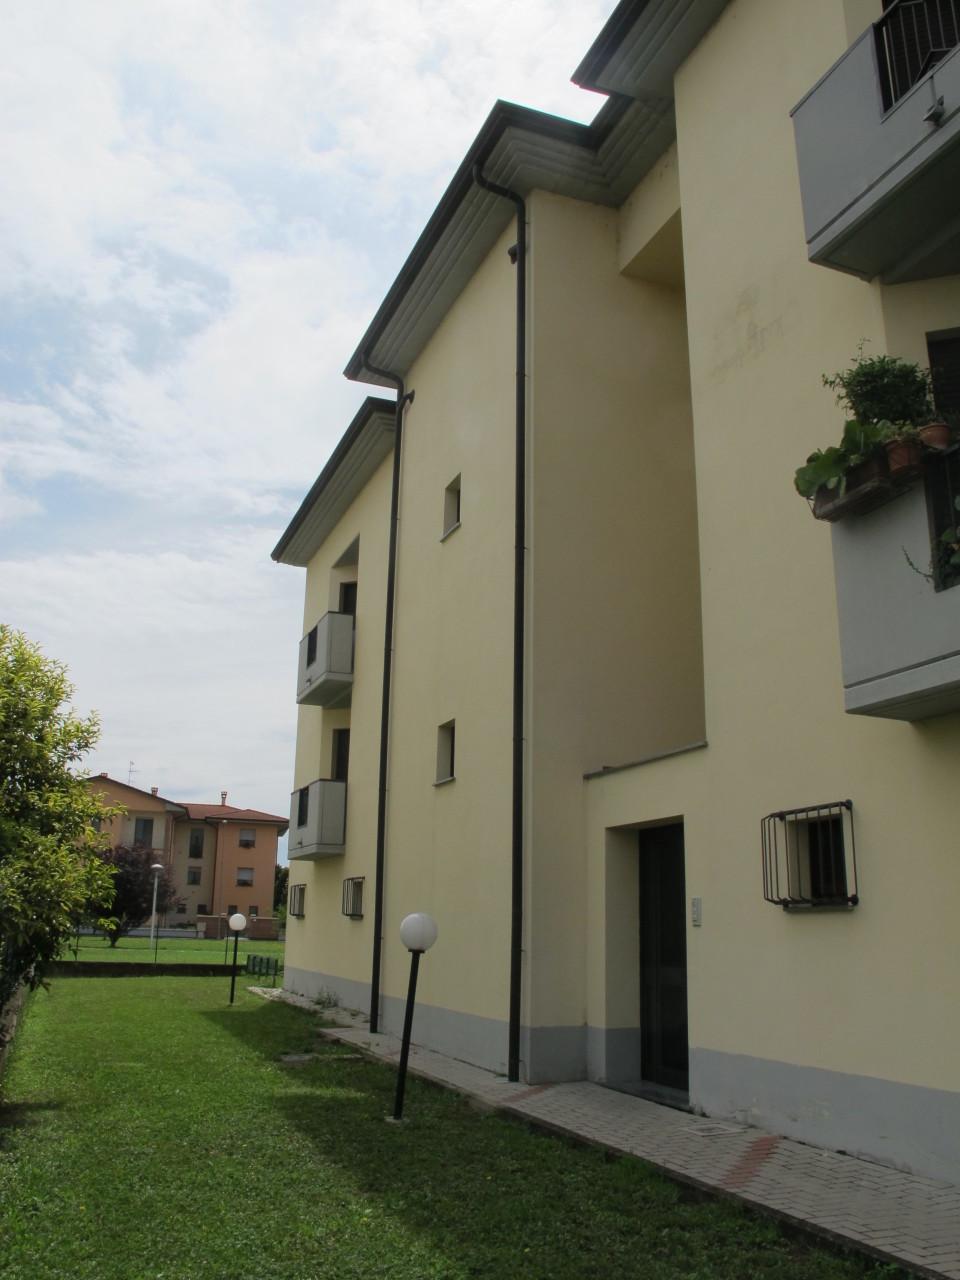 Appartamento in affitto a Soragna, 4 locali, prezzo € 550 | Cambio Casa.it